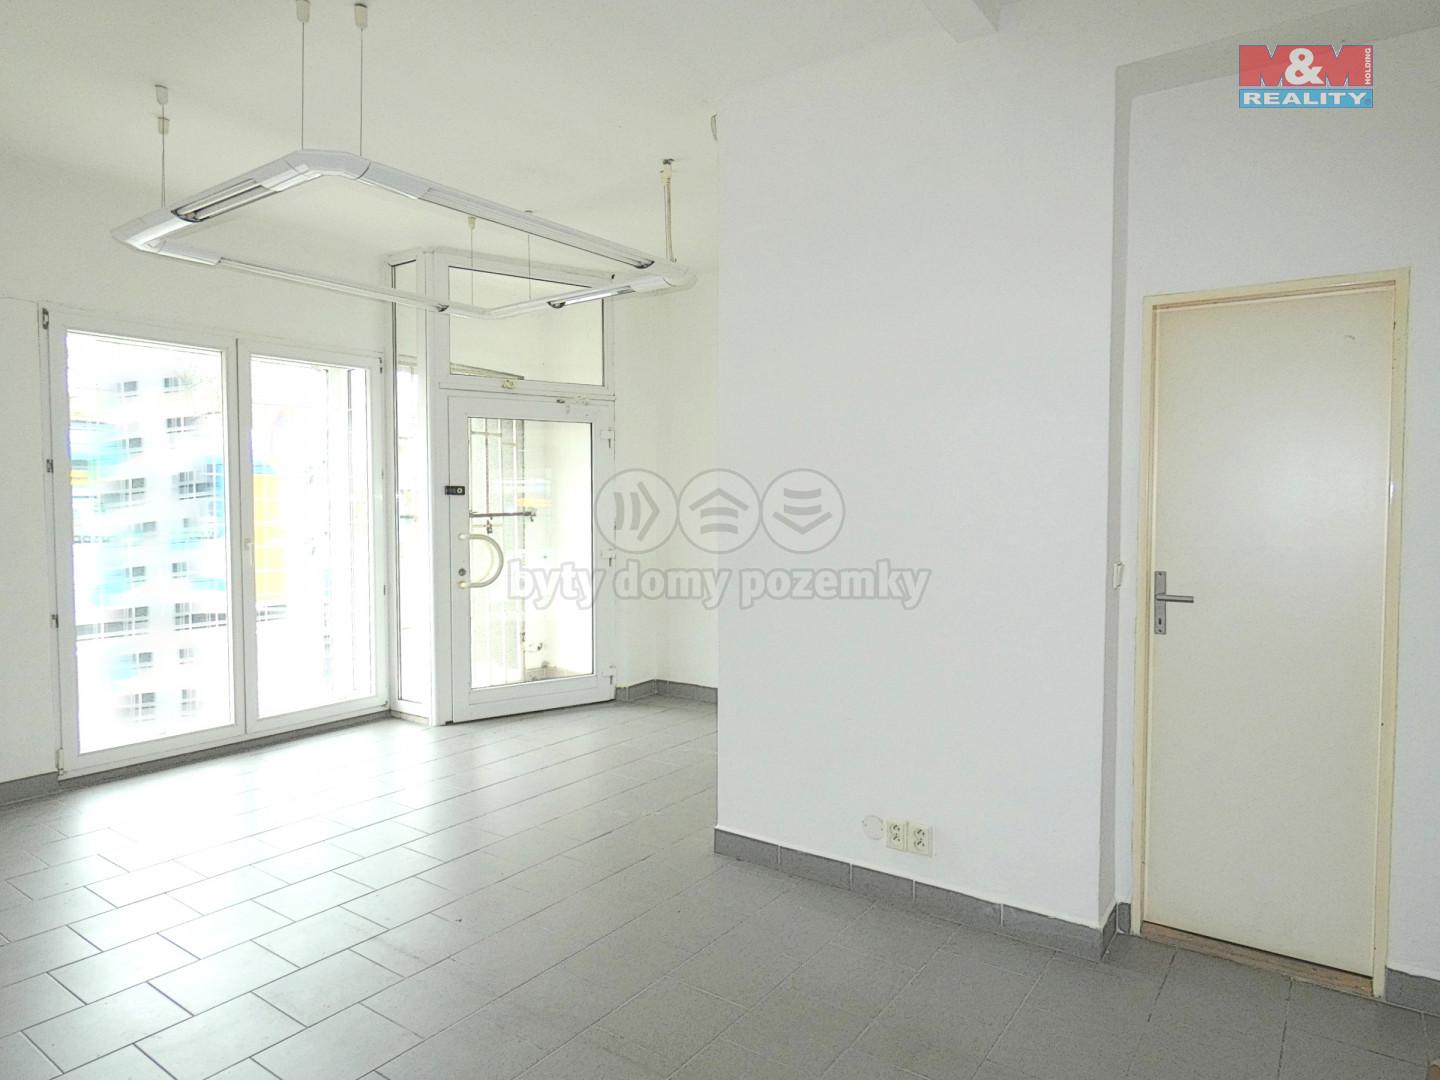 Pronájem obchod a služby, 70 m², Ostrava, ul. 28. října